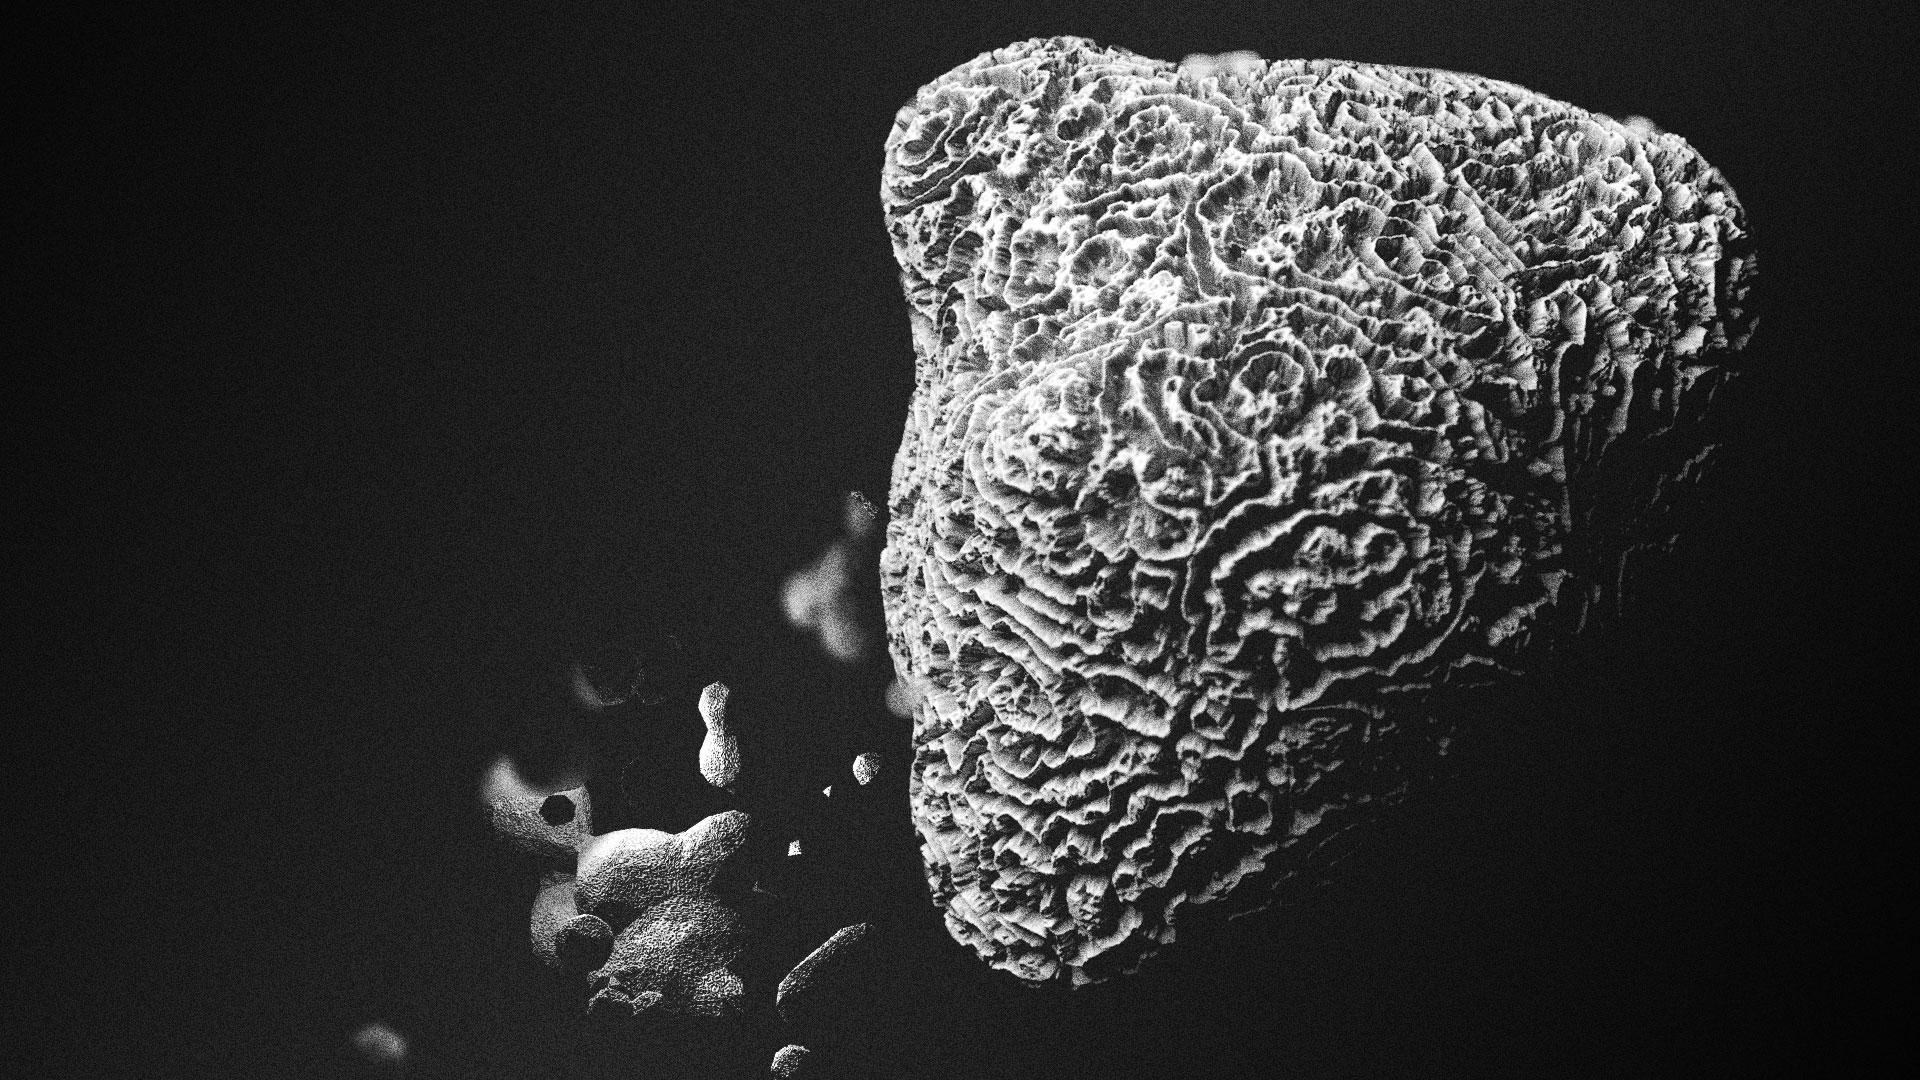 Coral_v5